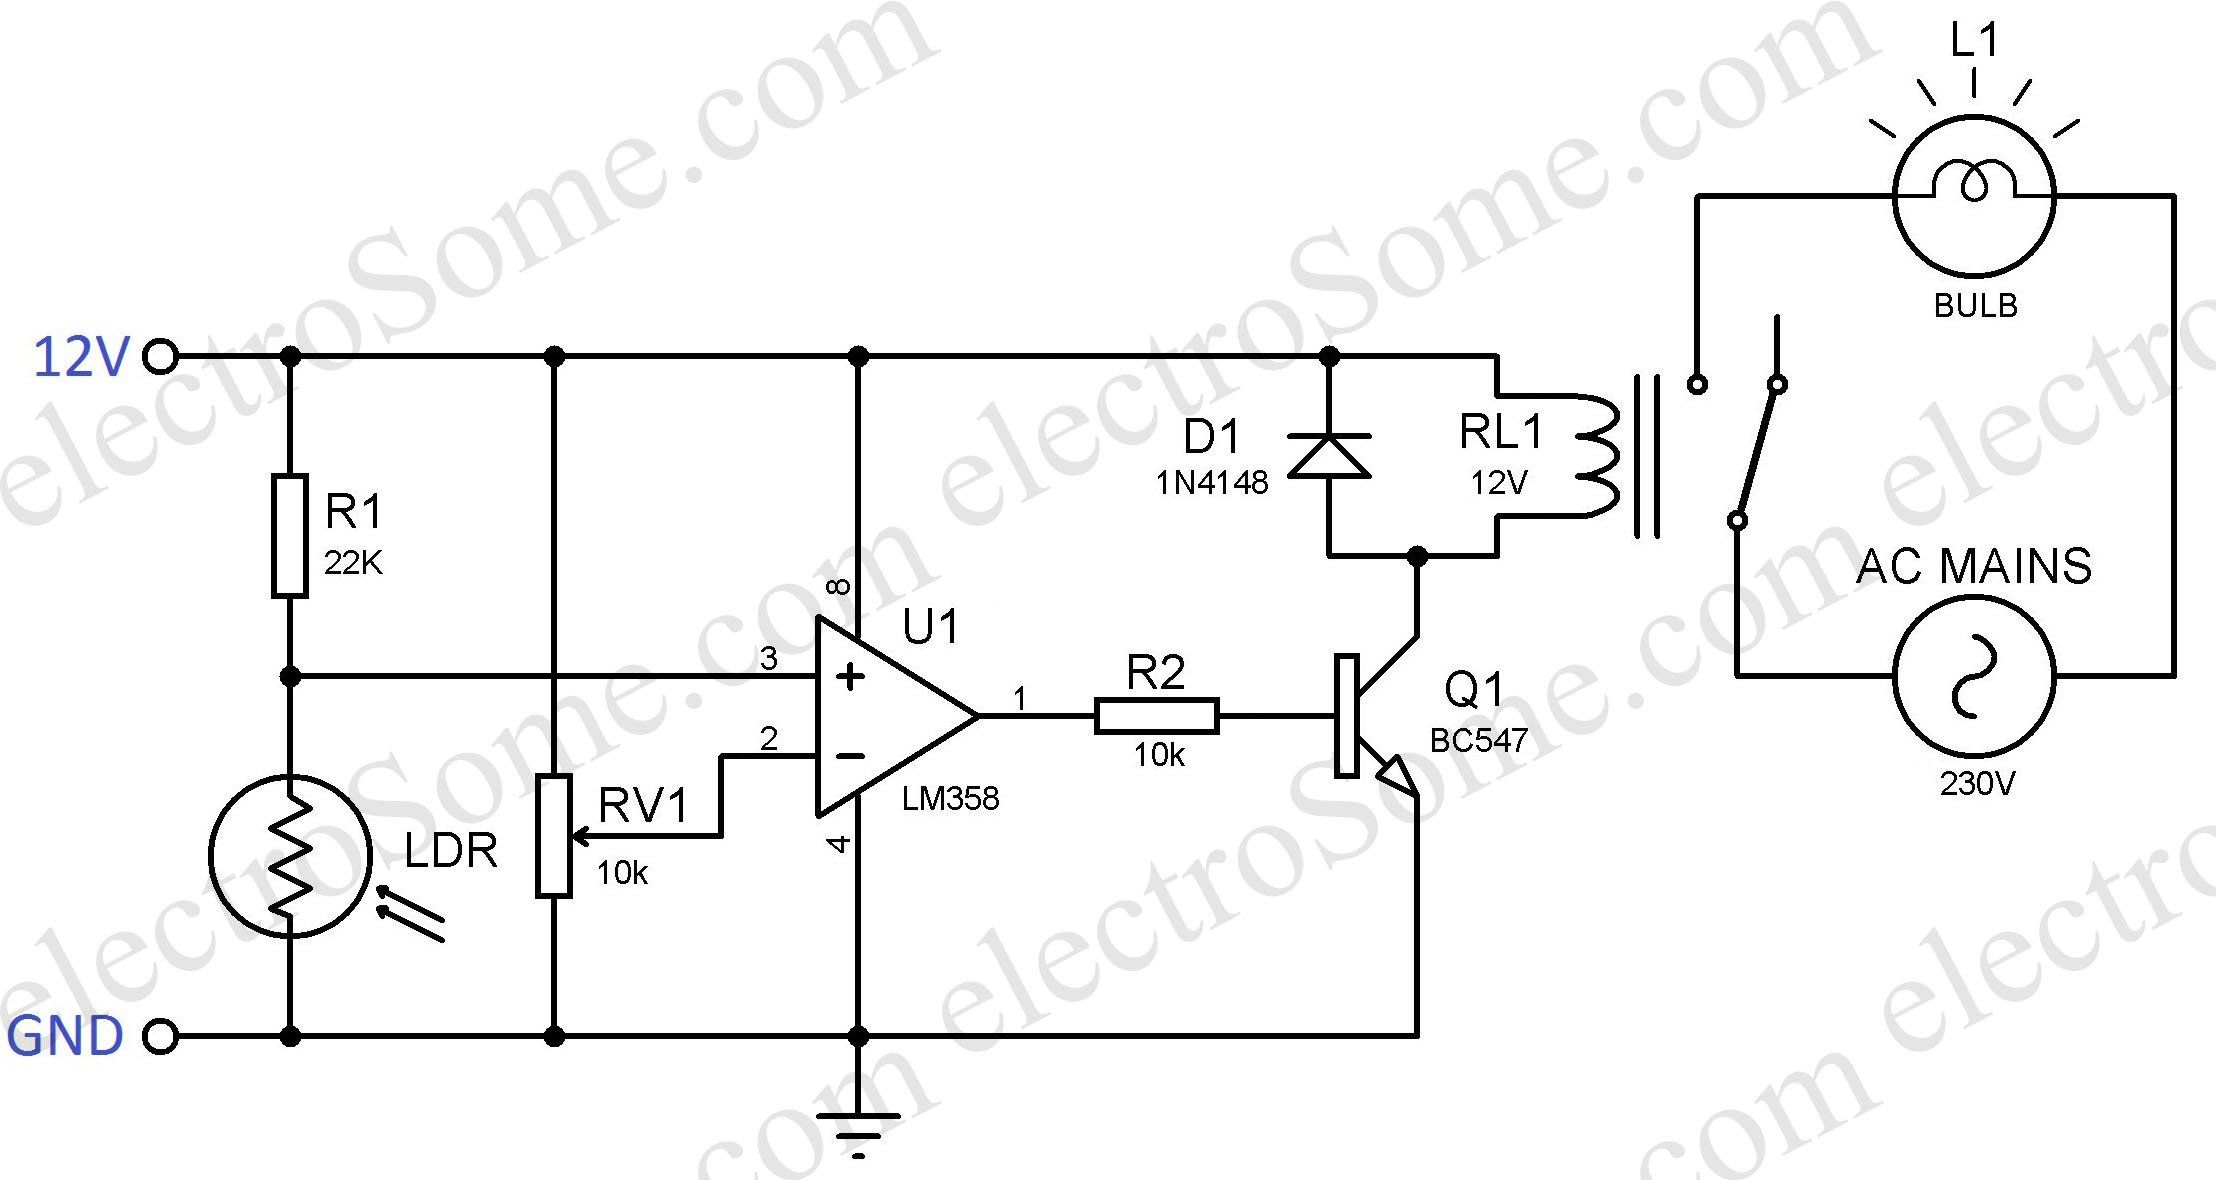 solar street light block diagram solar street light circuit diagram solar led night light circuit diagram power supply block diagram joule [ 2216 x 1180 Pixel ]